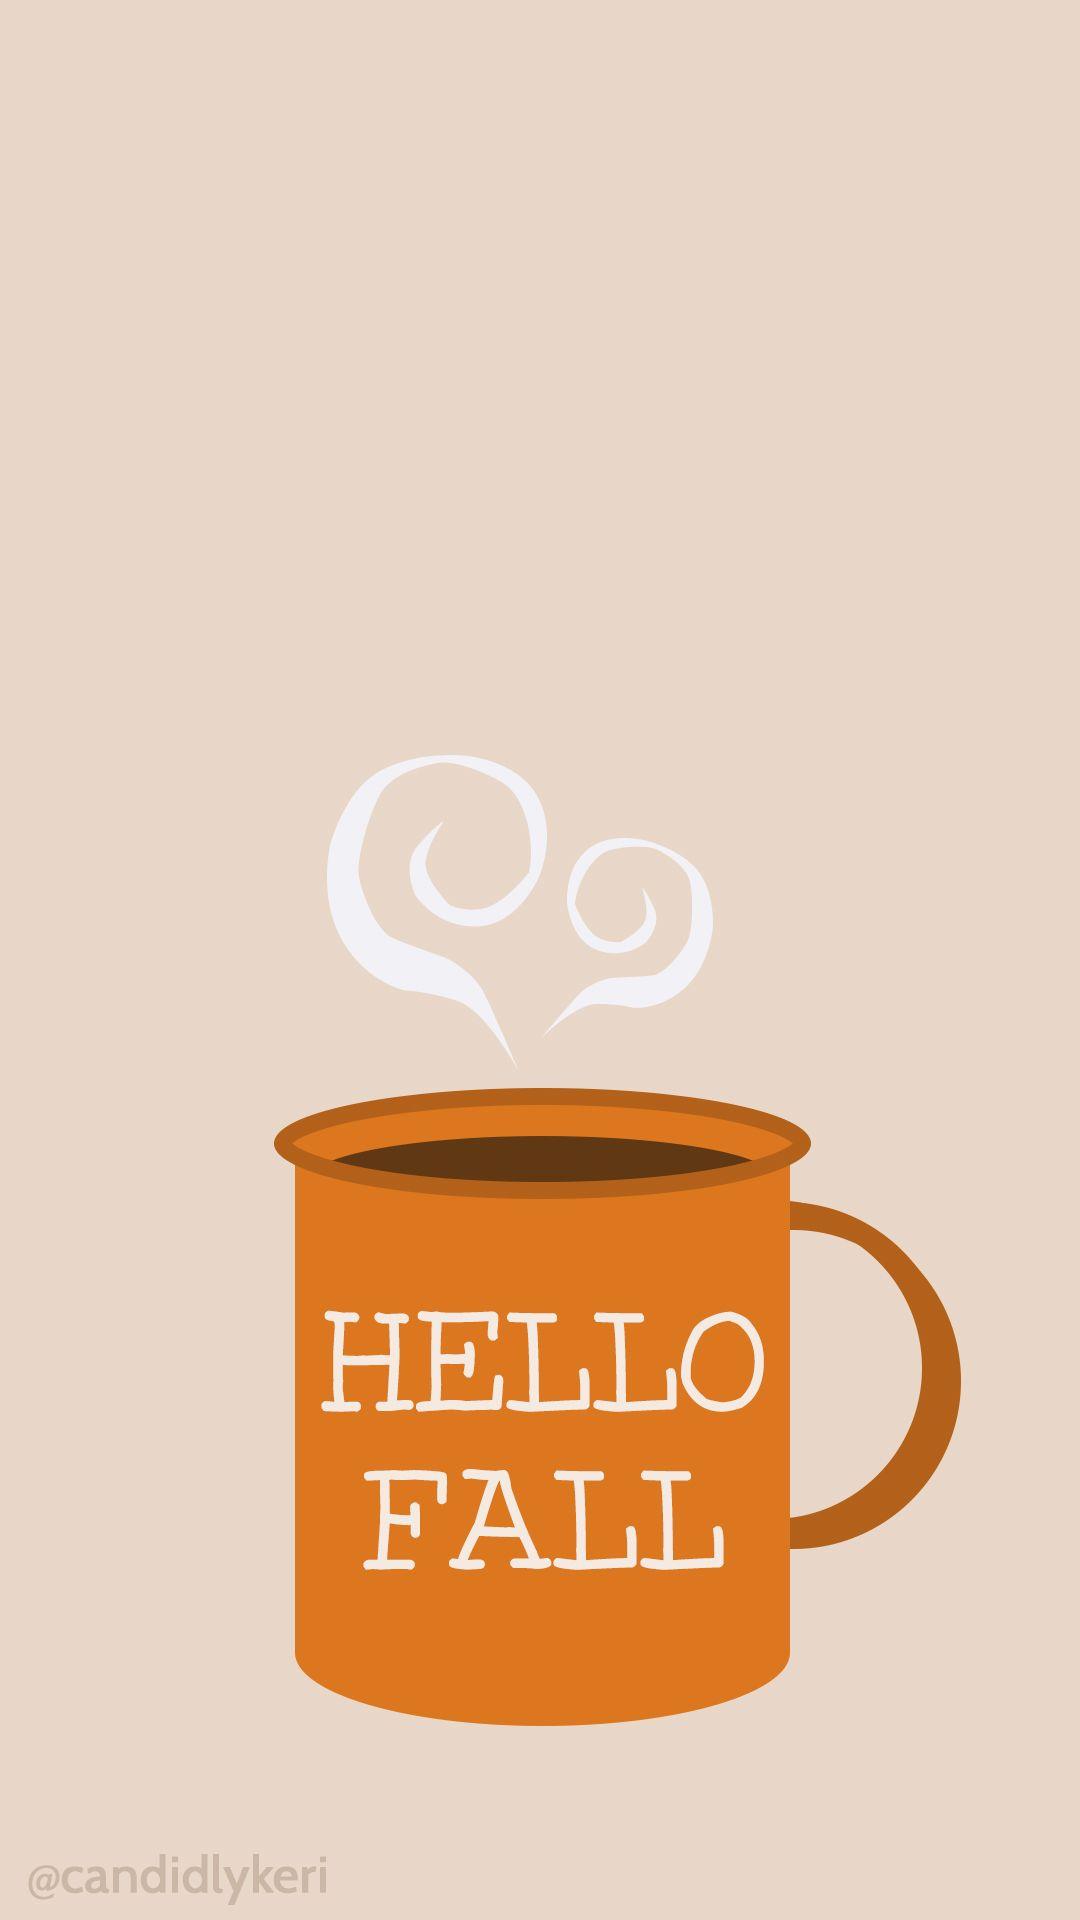 Hello Fall mug cute fall wallpaper 2016 wallpaper you can ...   Cute Fall Blog